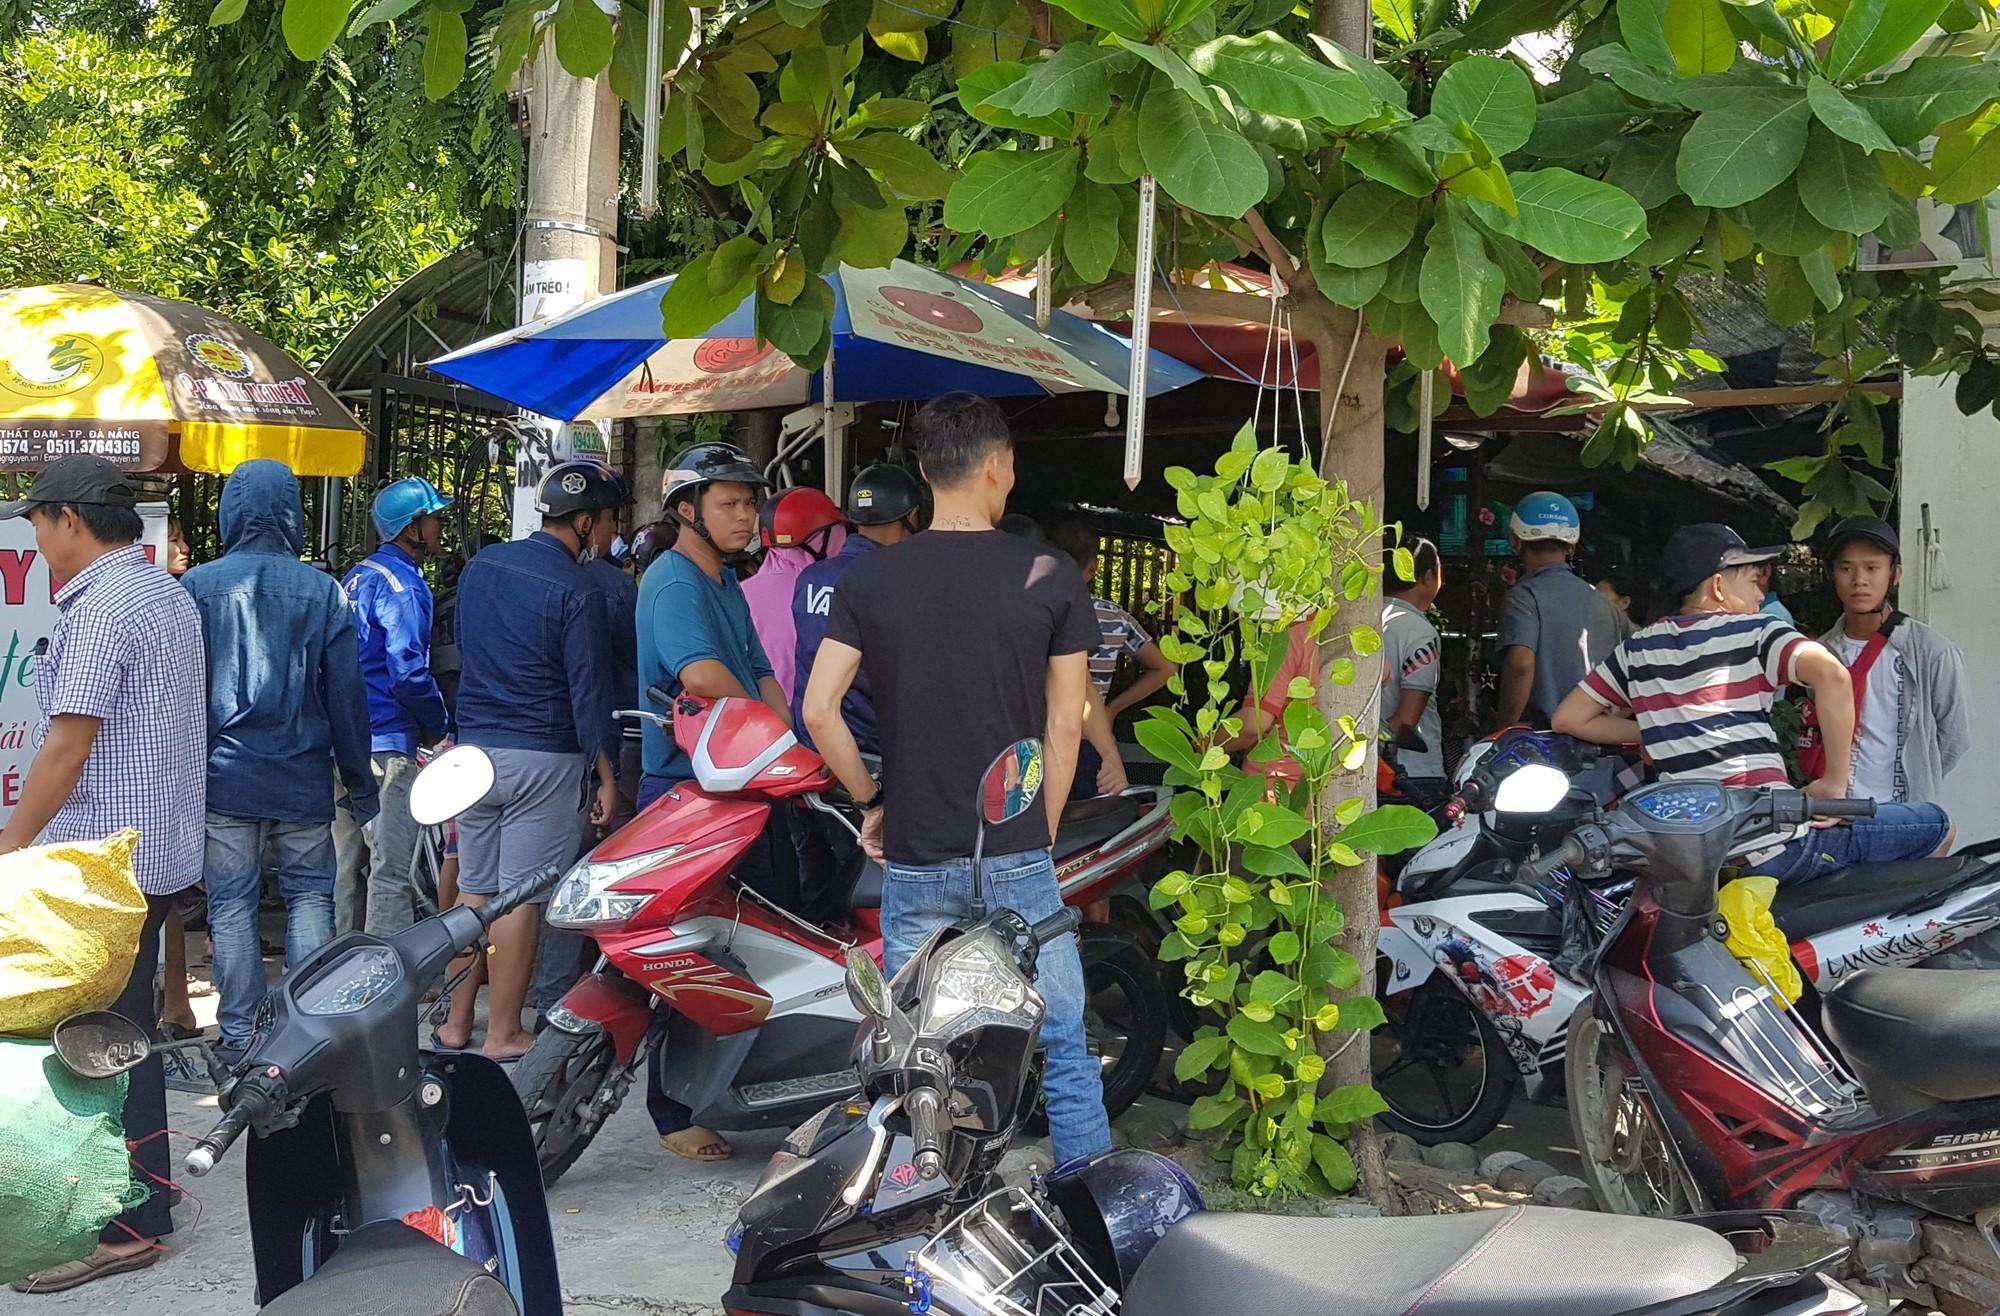 NÓNG: Cướp táo tợn giữa ban ngày ở Đà Nẵng, cụ bà 71 tuổi tử vong, cô gái trẻ nguy kịch-2